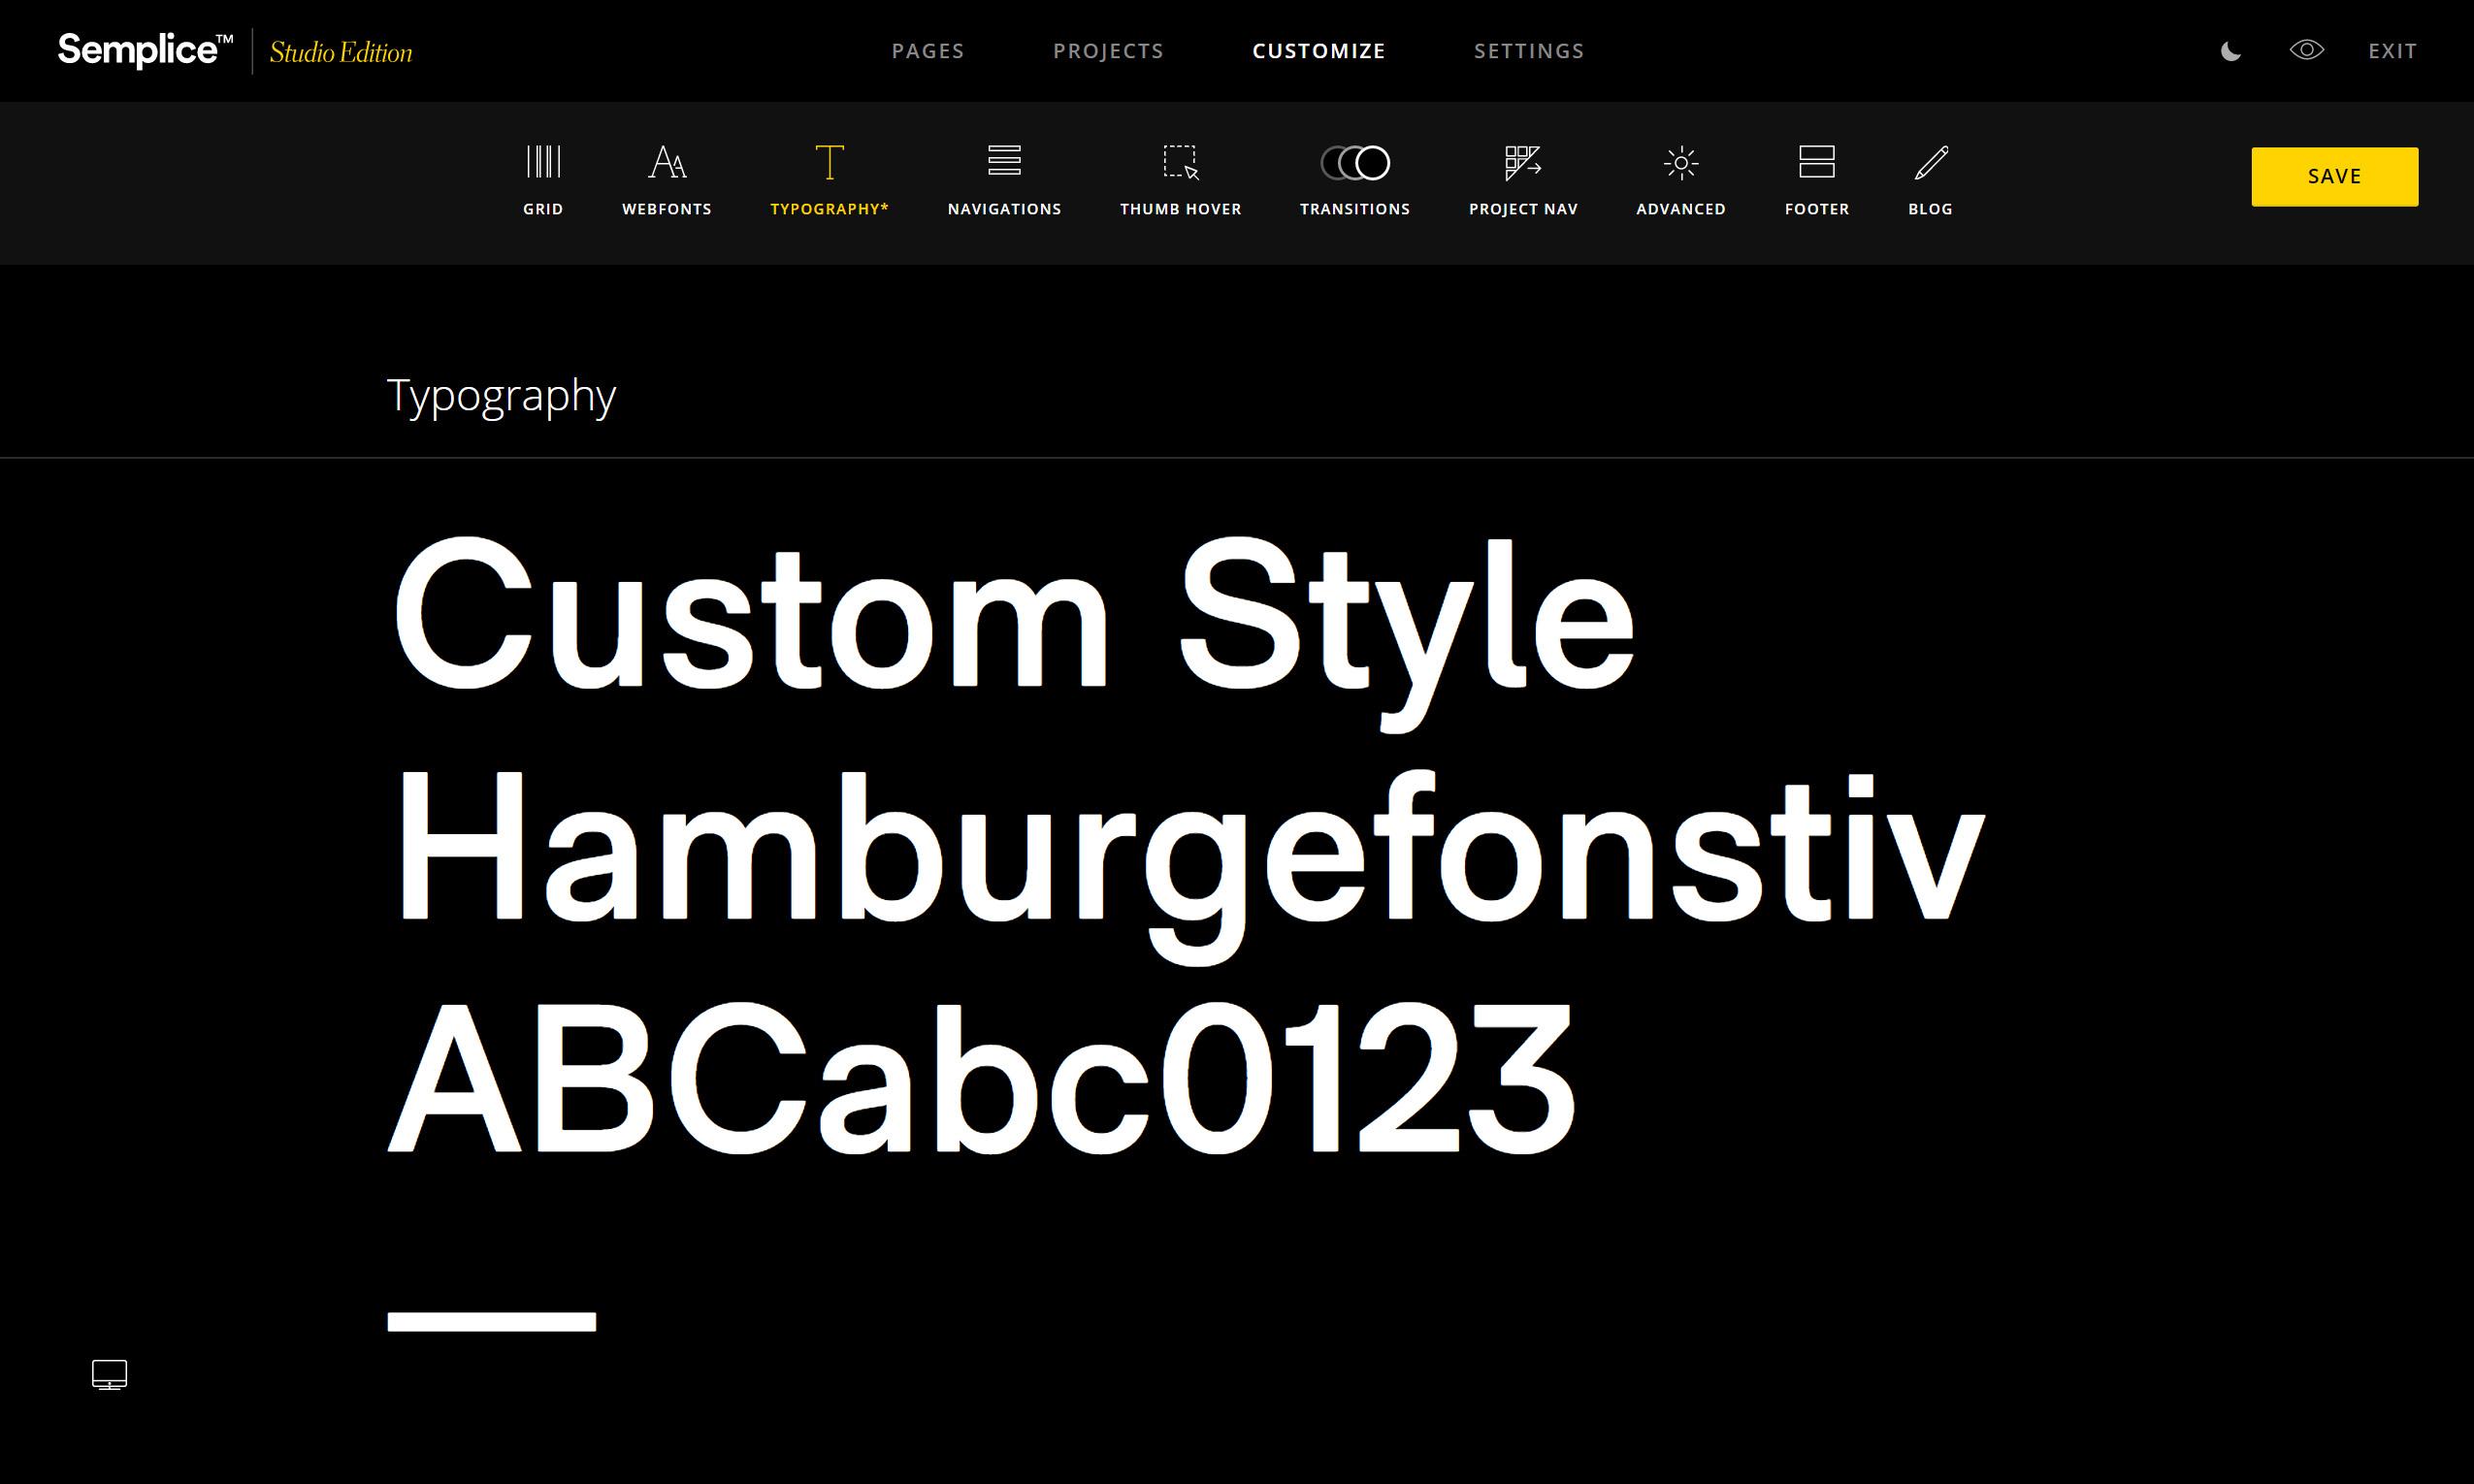 semplice_typography